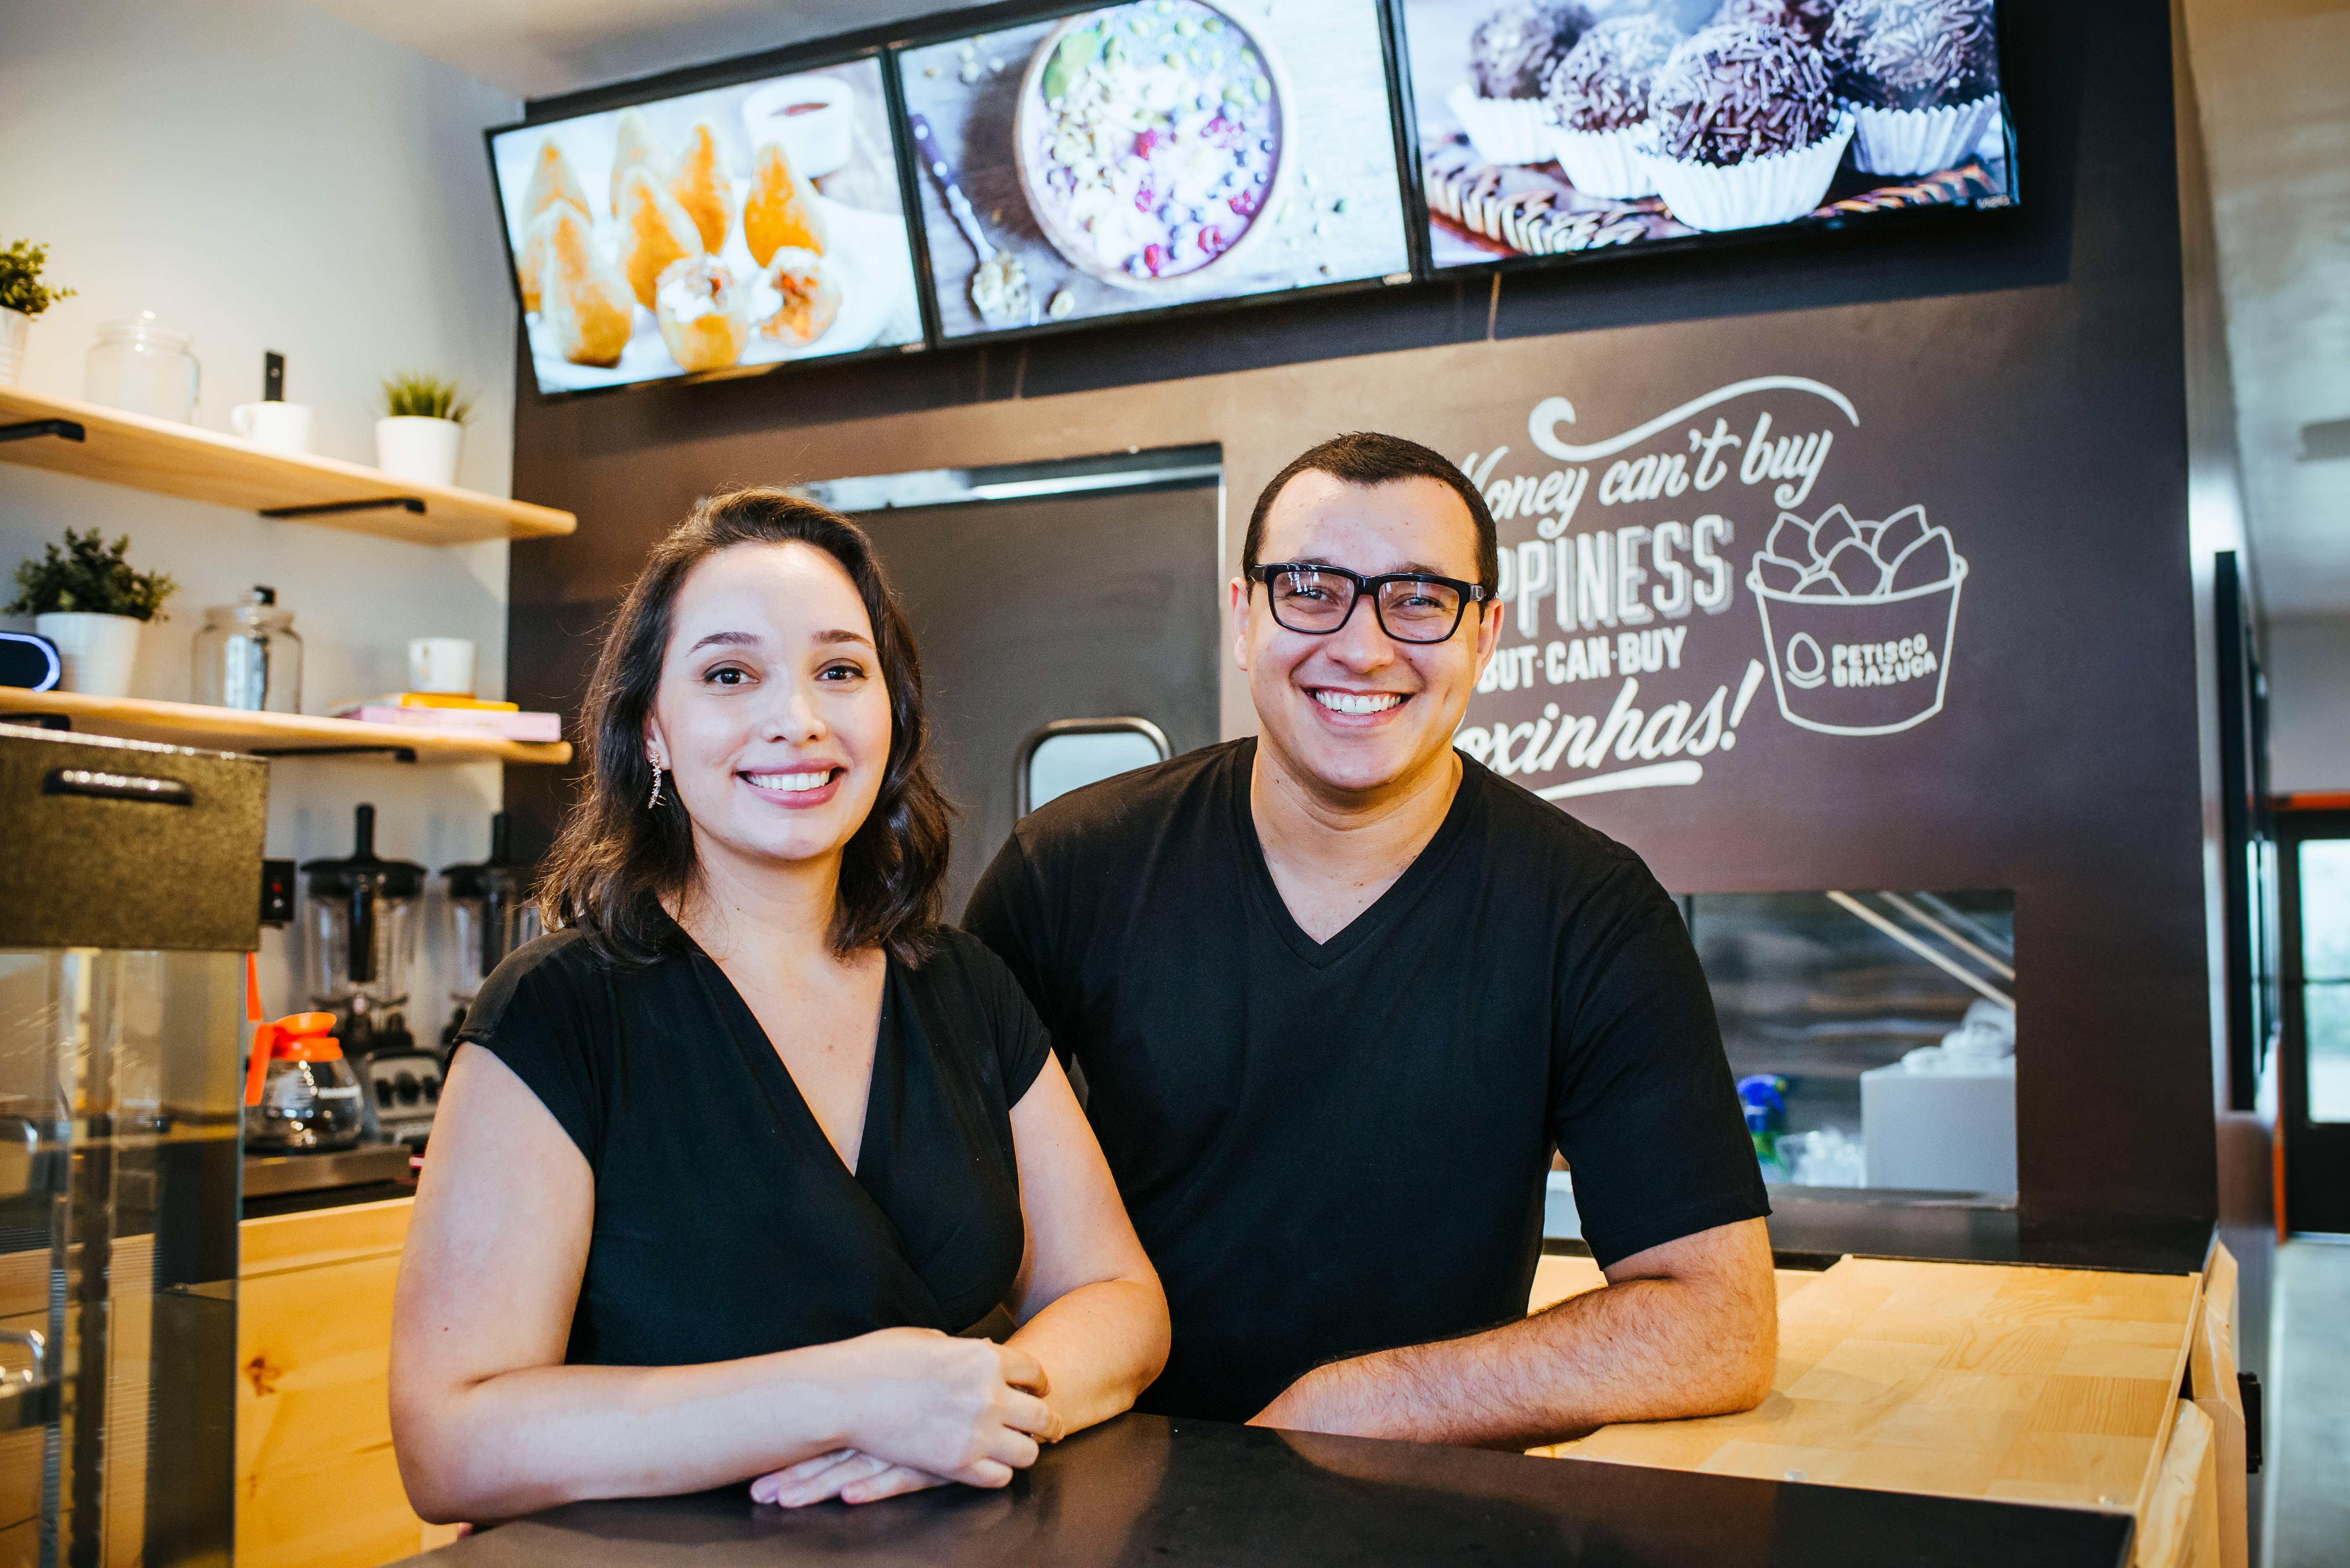 Vanessa e Ricardo começaram o negócio com investimento de US$ 1 mil. Foto: Alessandro Mesquita e Mônica Mesquita